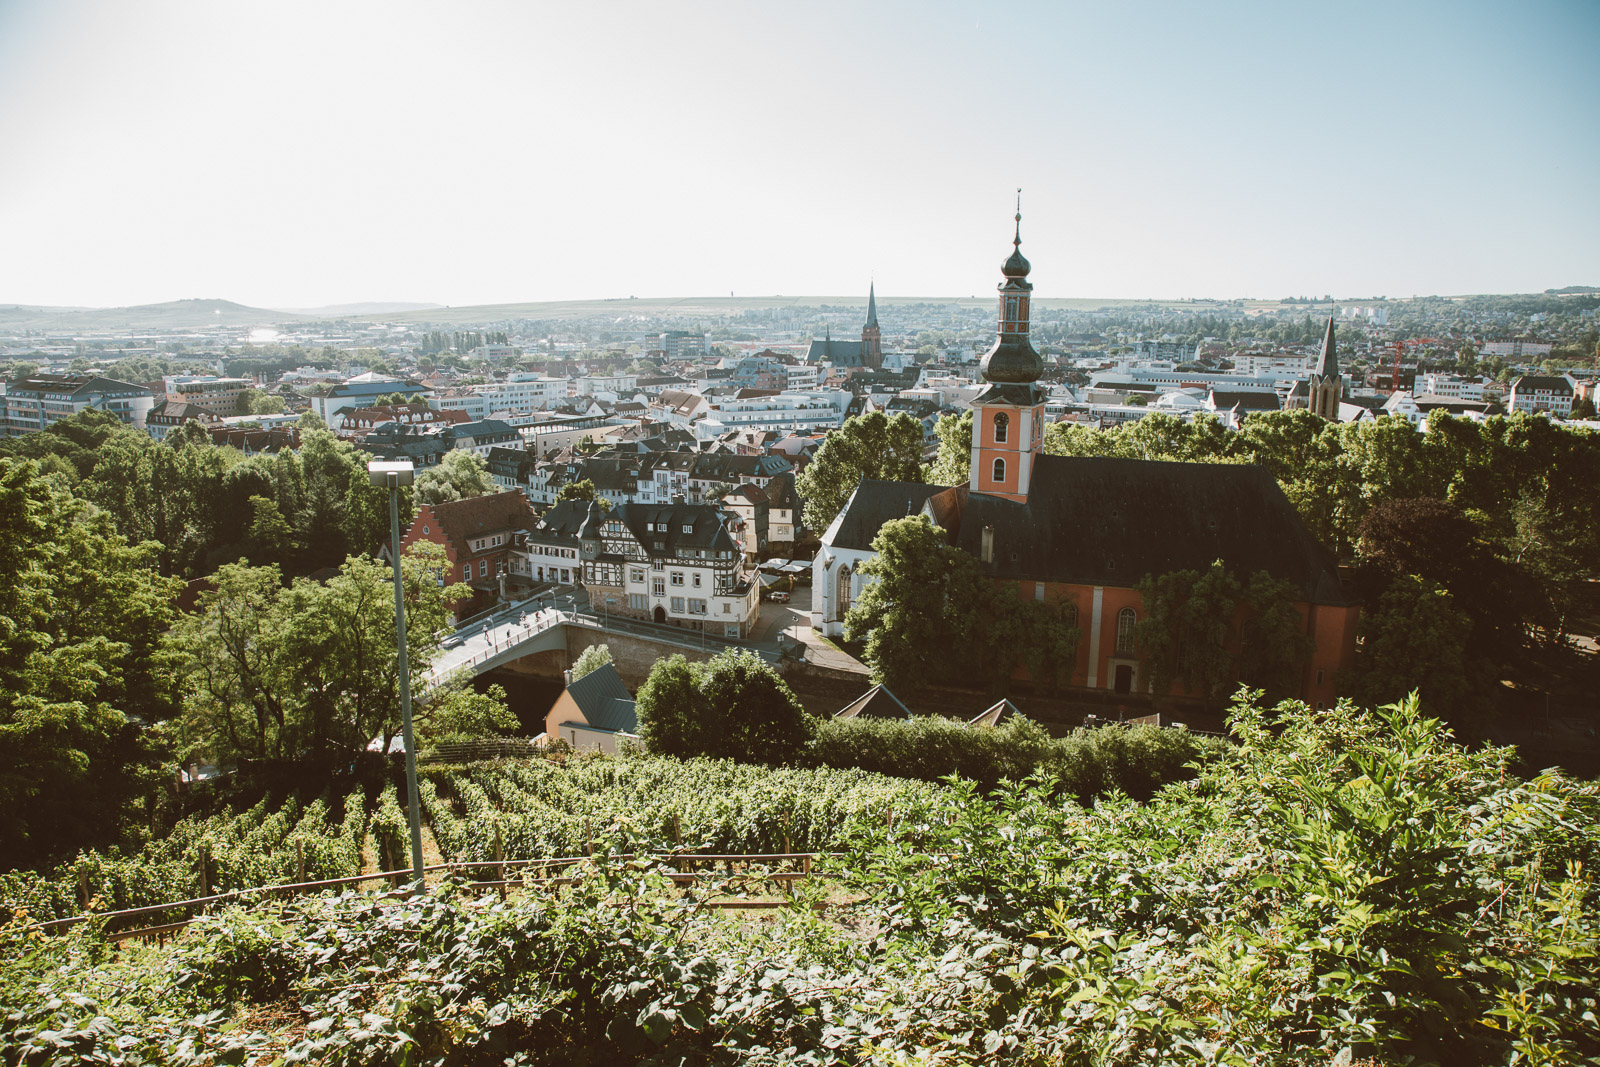 Weinberge-in-Bad-Kreuznach